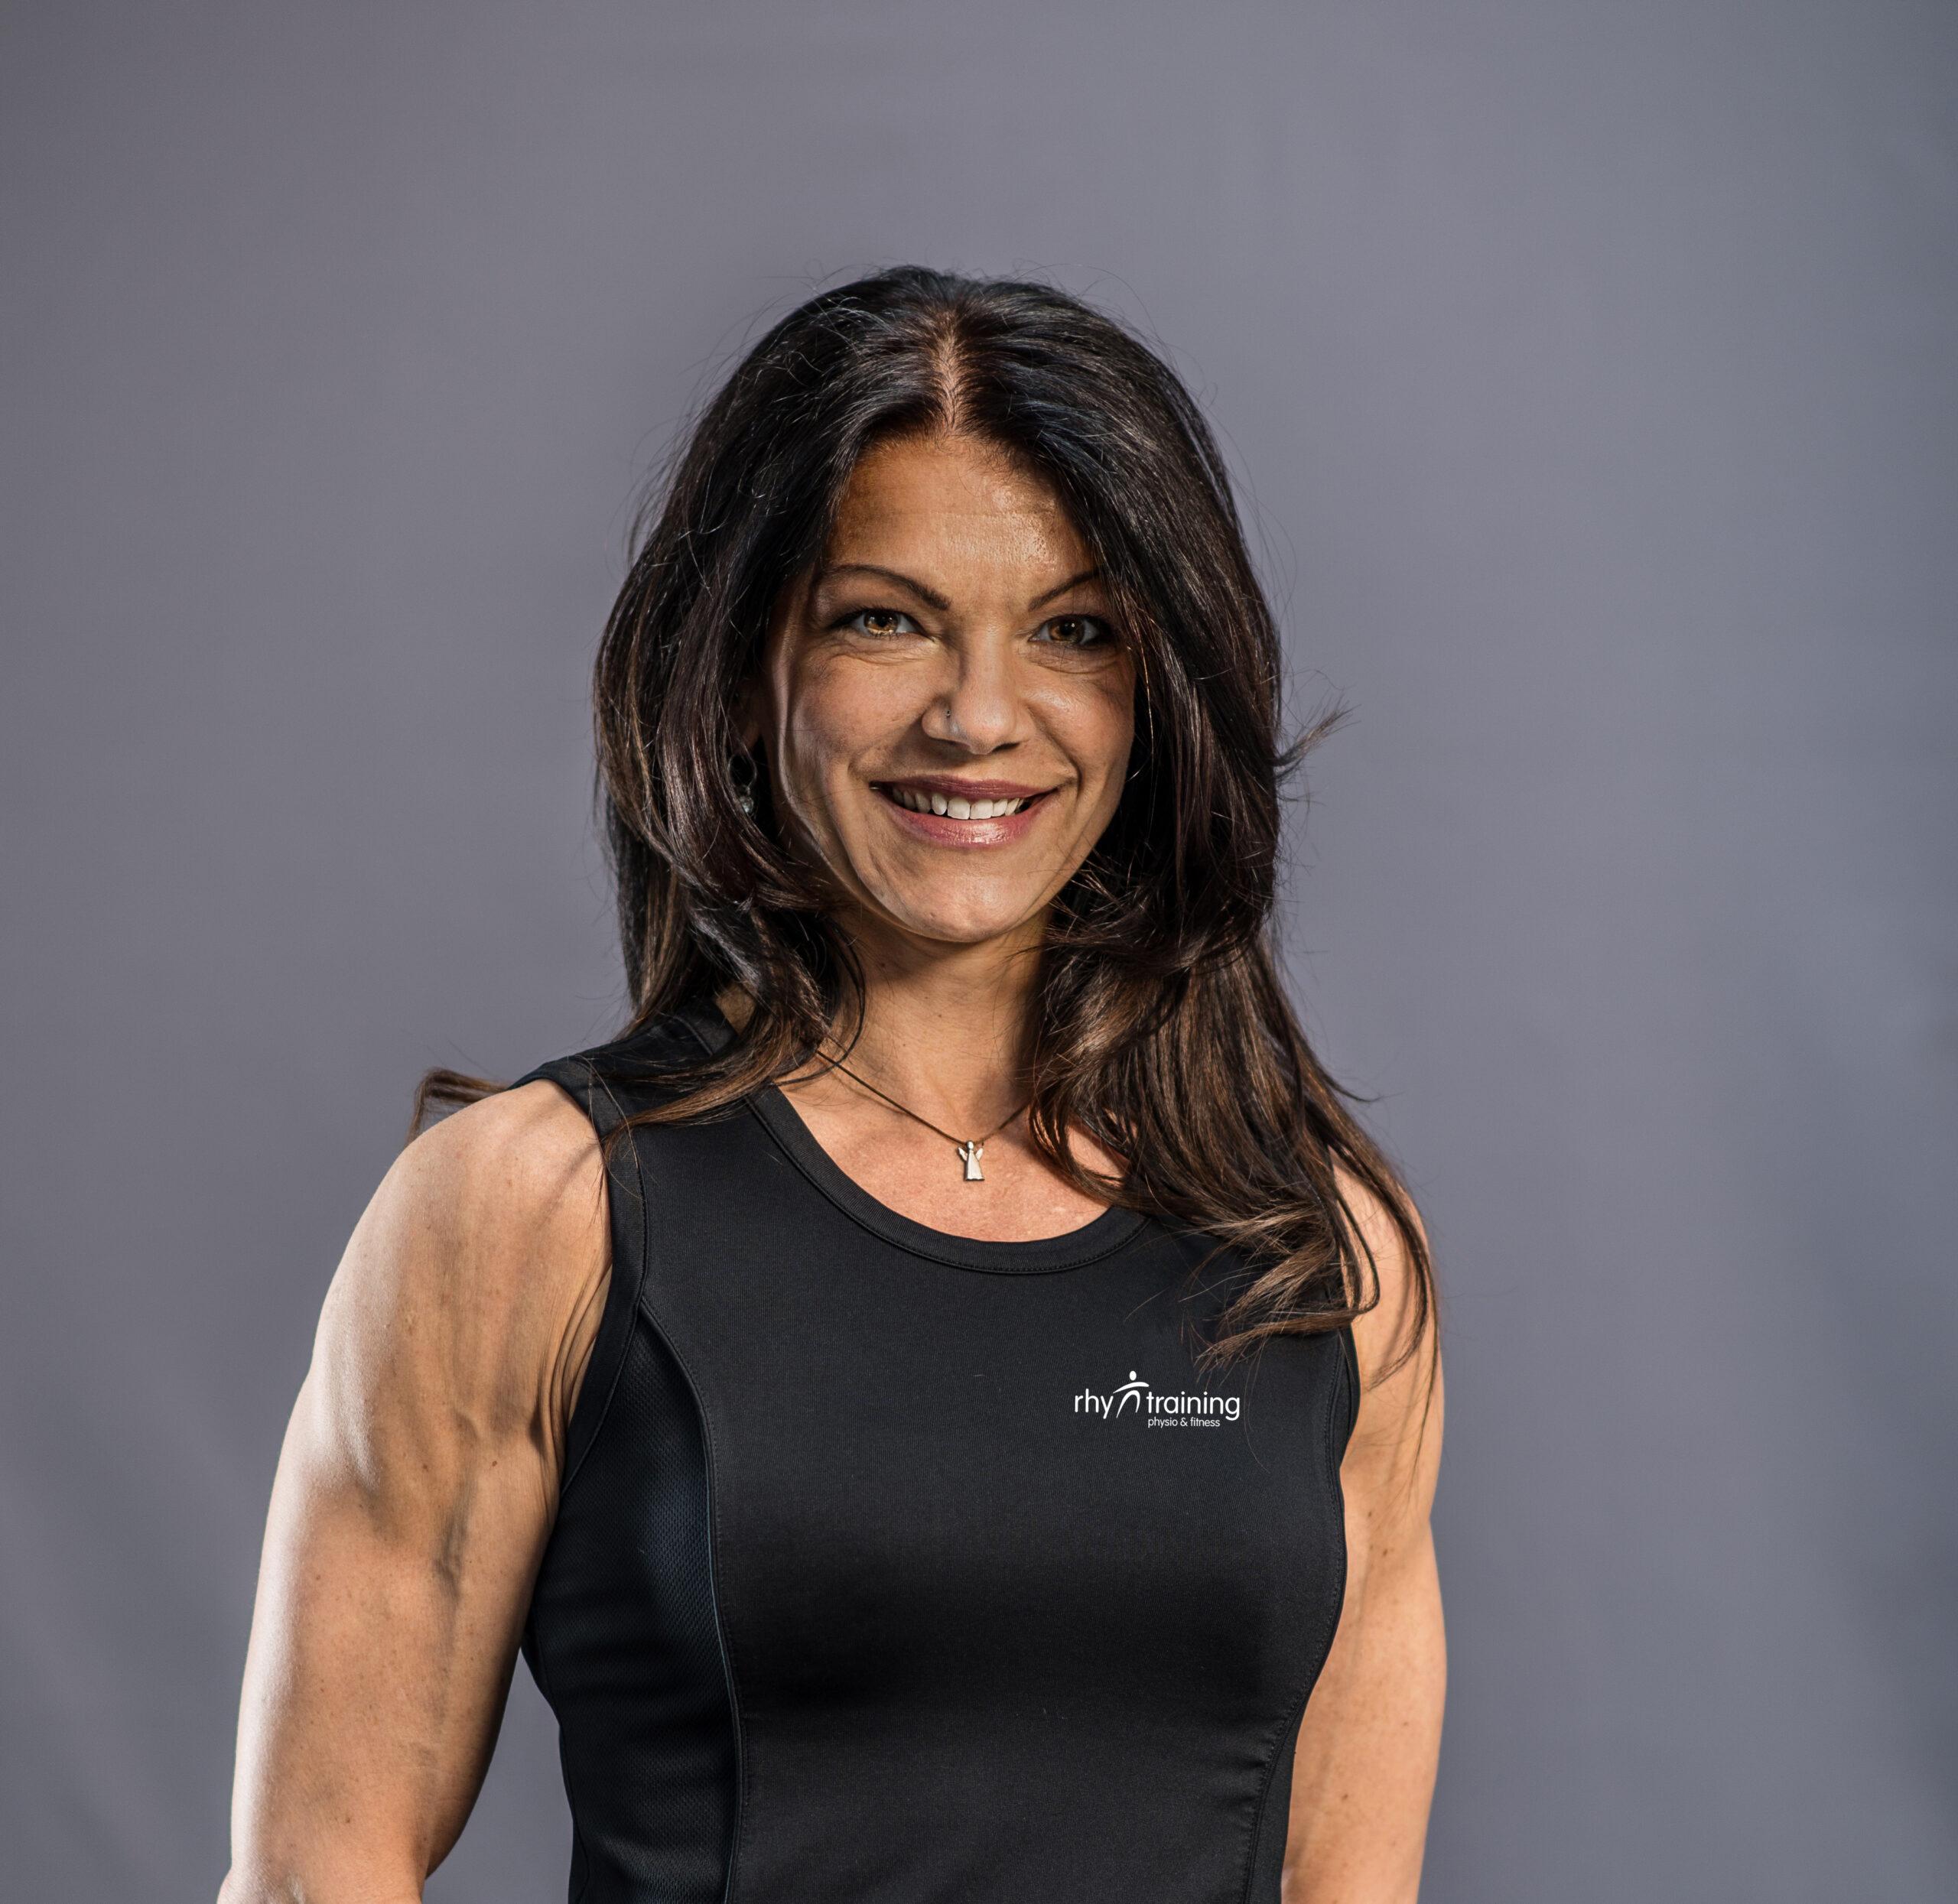 rhytraining - physio & fitness stein am rhein | Sabine Schönle